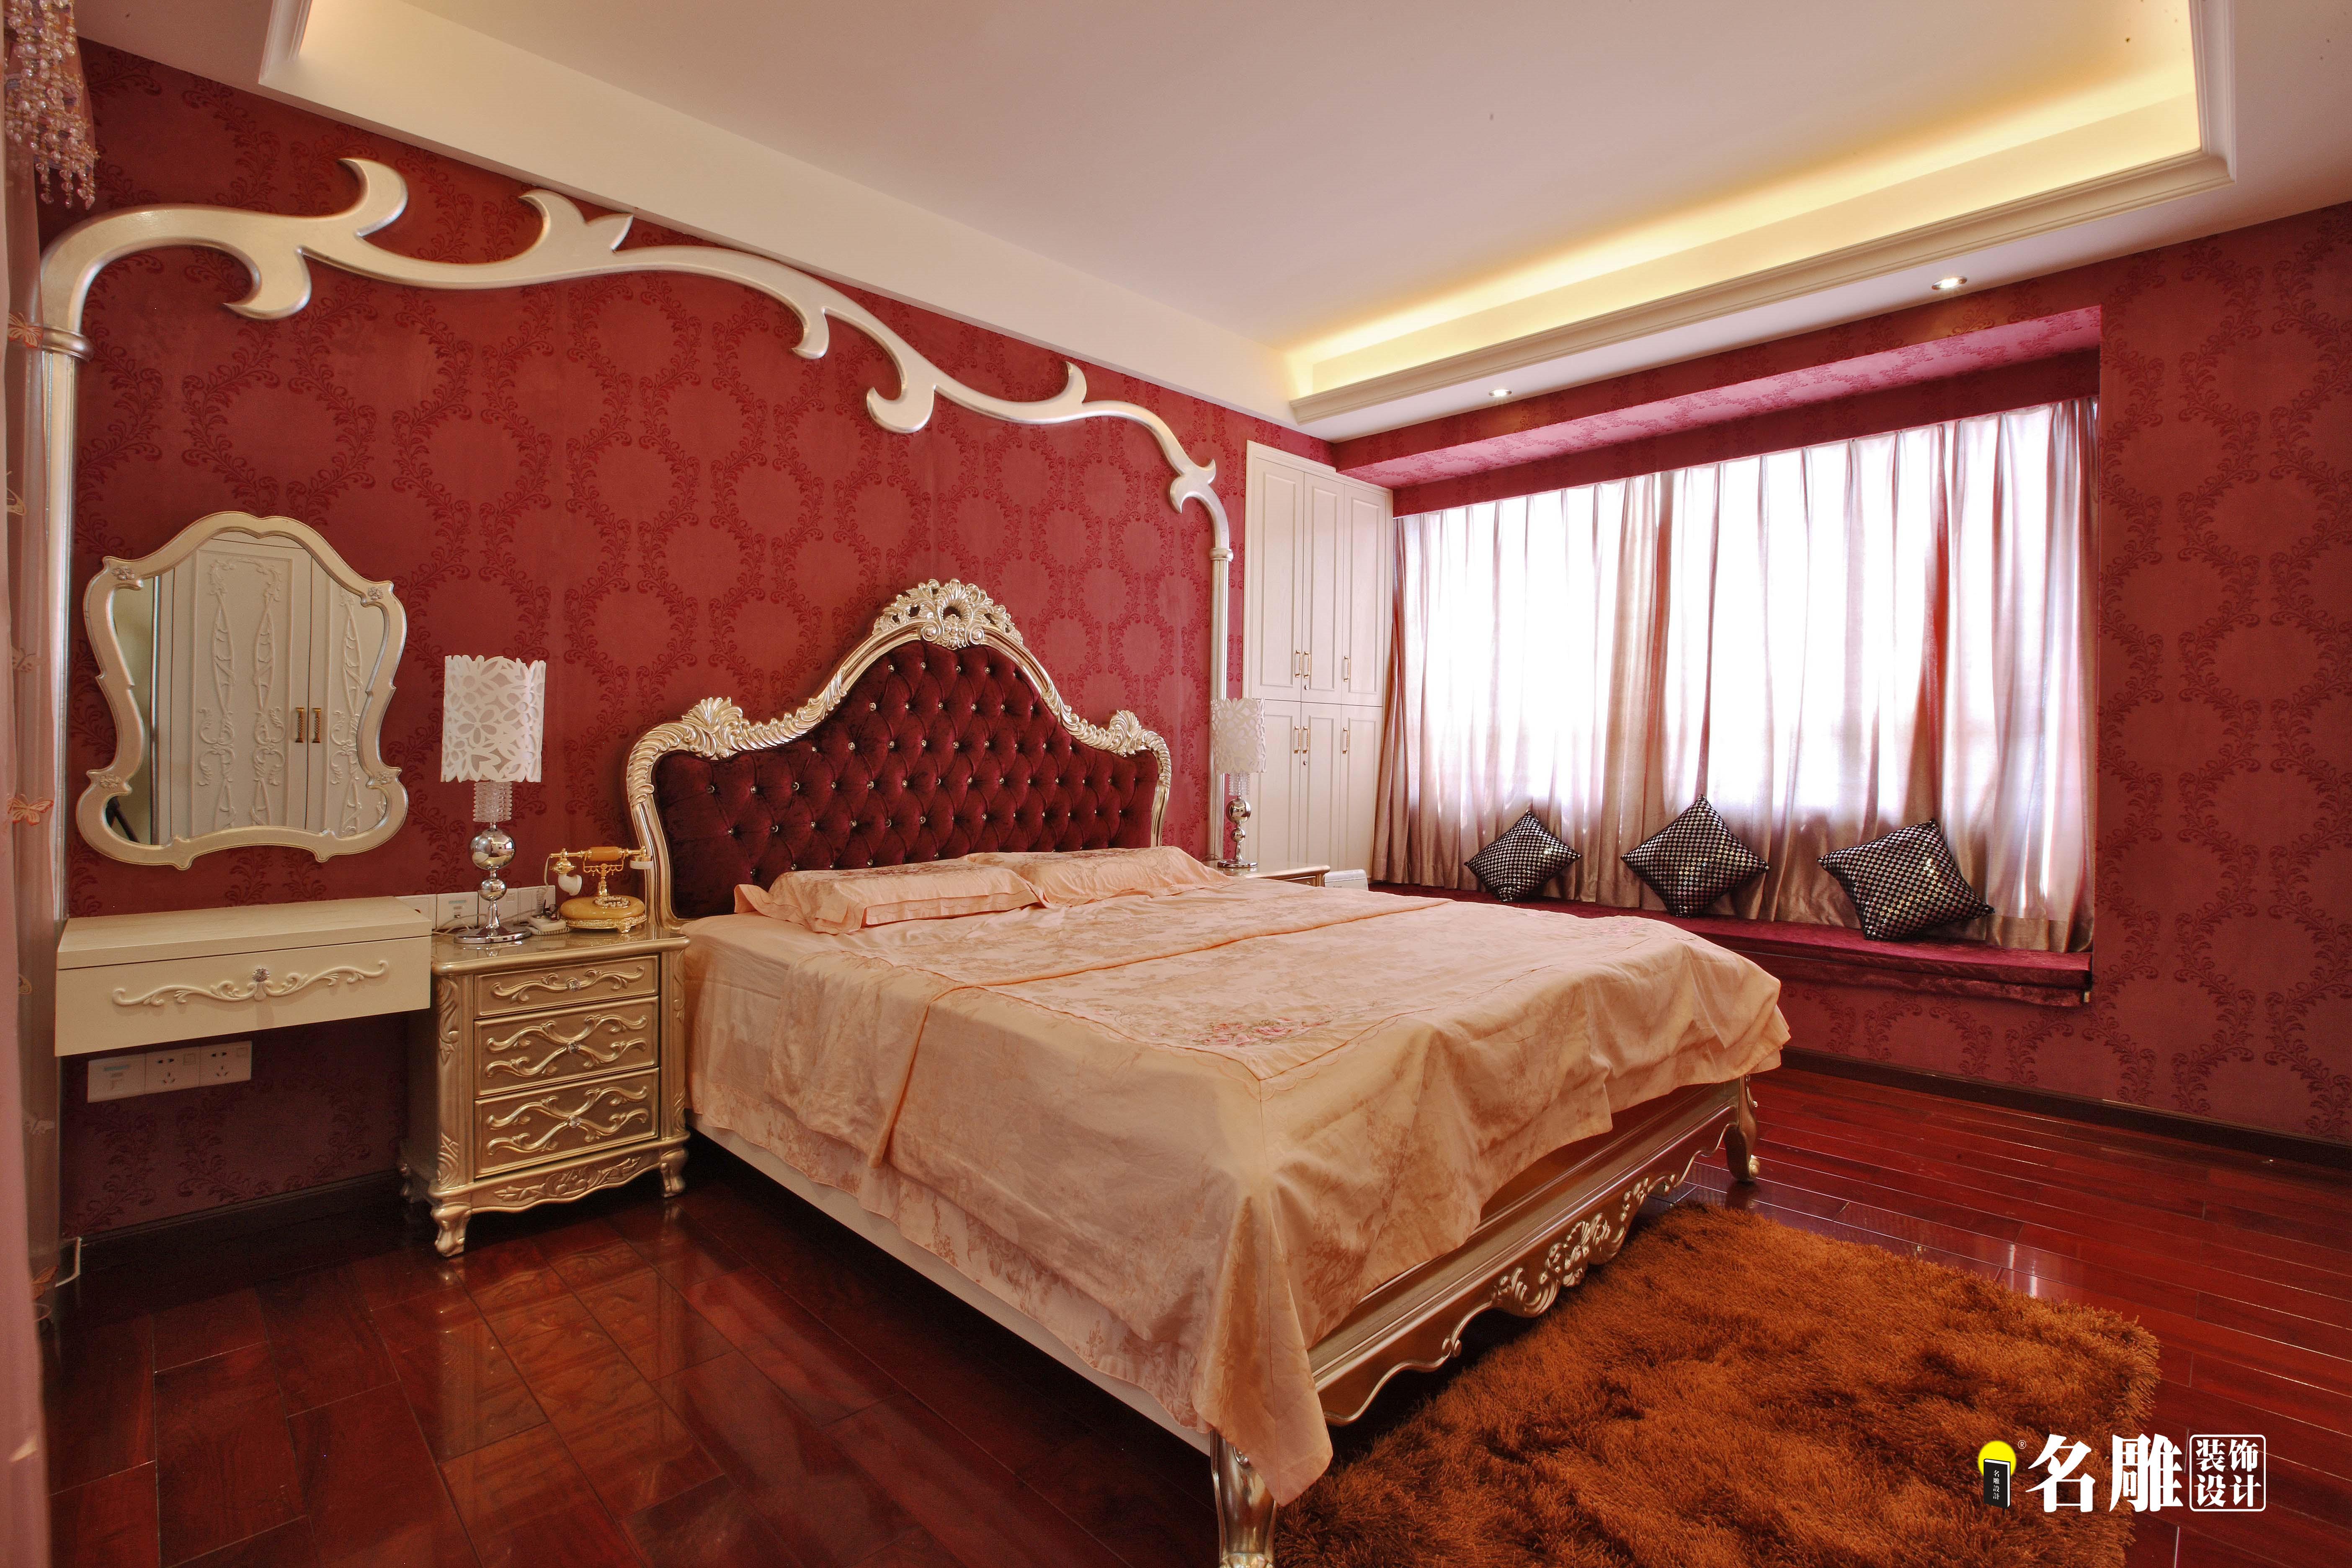 新古典风格 新古典 四居室 名雕装饰 珑御府 卧室图片来自名雕装饰设计在珑御府—新古典风格—四居室的分享